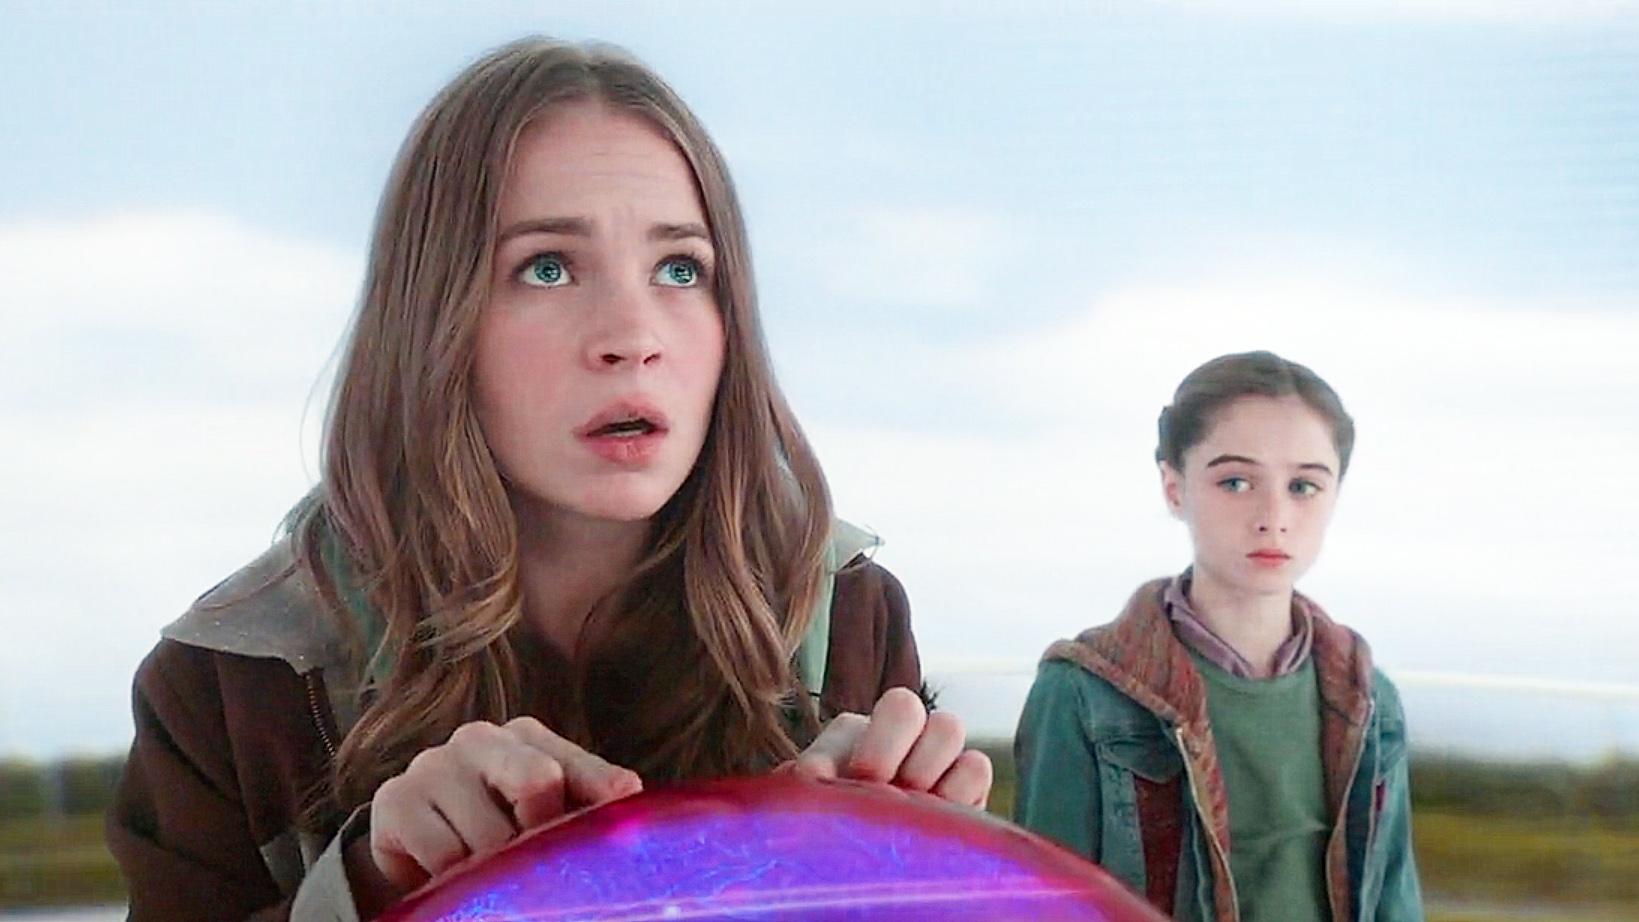 #电影最前线#女孩得到一台神奇时光机,穿越到未来后,成功拯救地球!